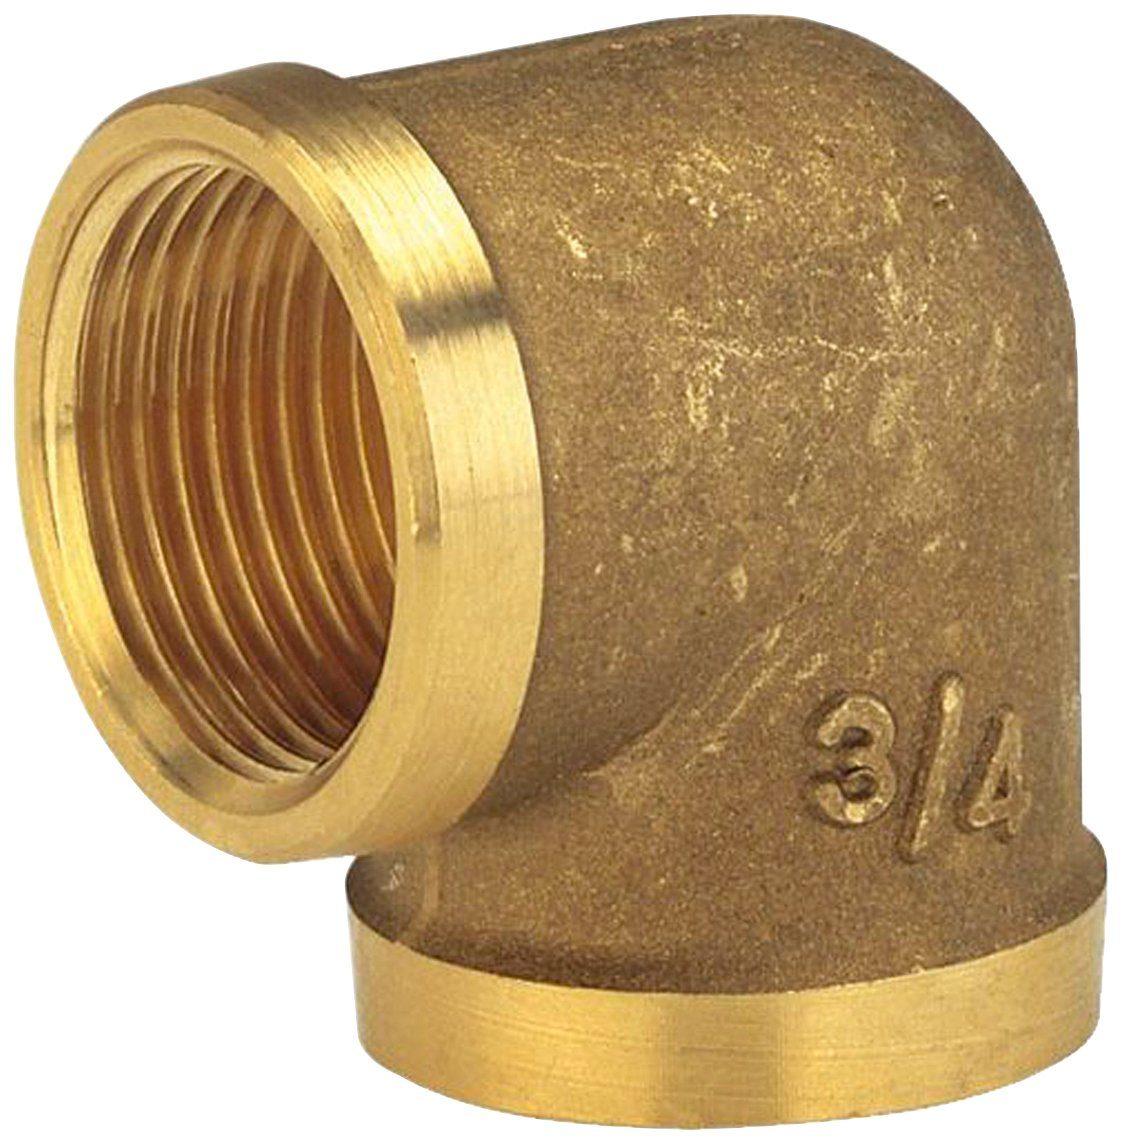 GARDENA Winkelverschraubung »07280-20«, Messing, 26,5 mm (G 3/4)-Innengewinde